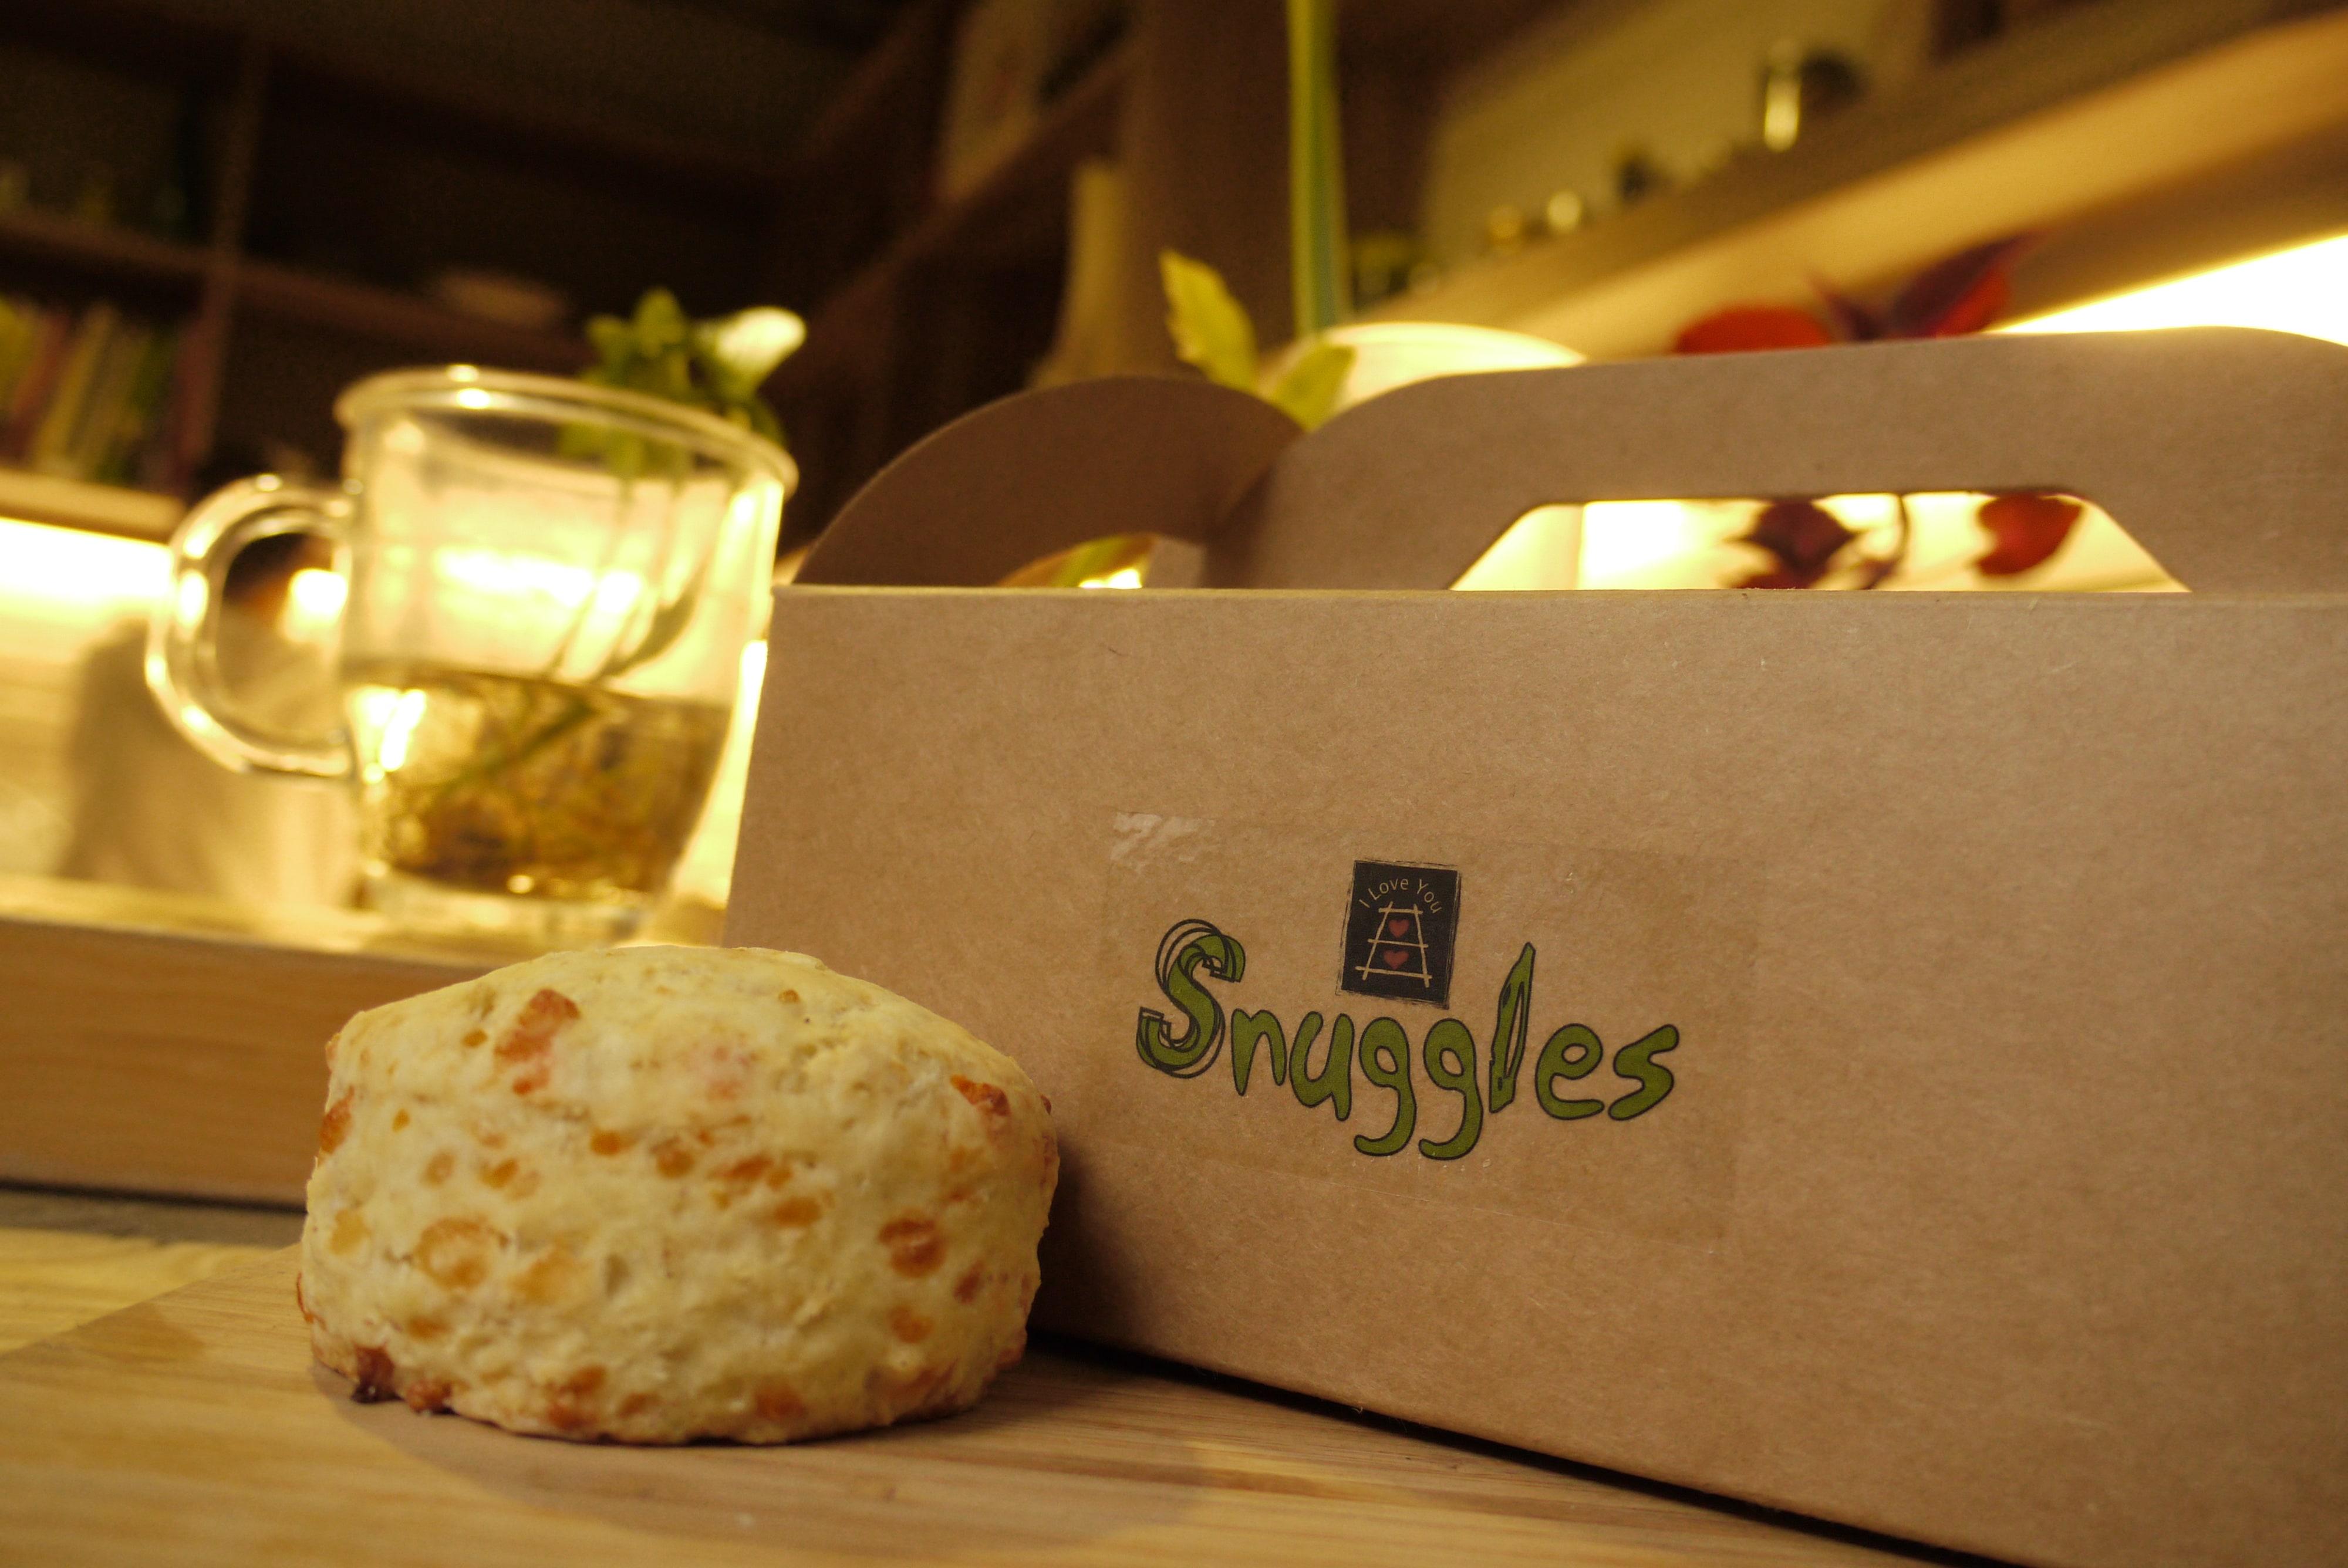 【Snuggles小麥胚芽廚房 】豆漿烤餅- 起士口味(12入盒裝)(SCONE 司康)